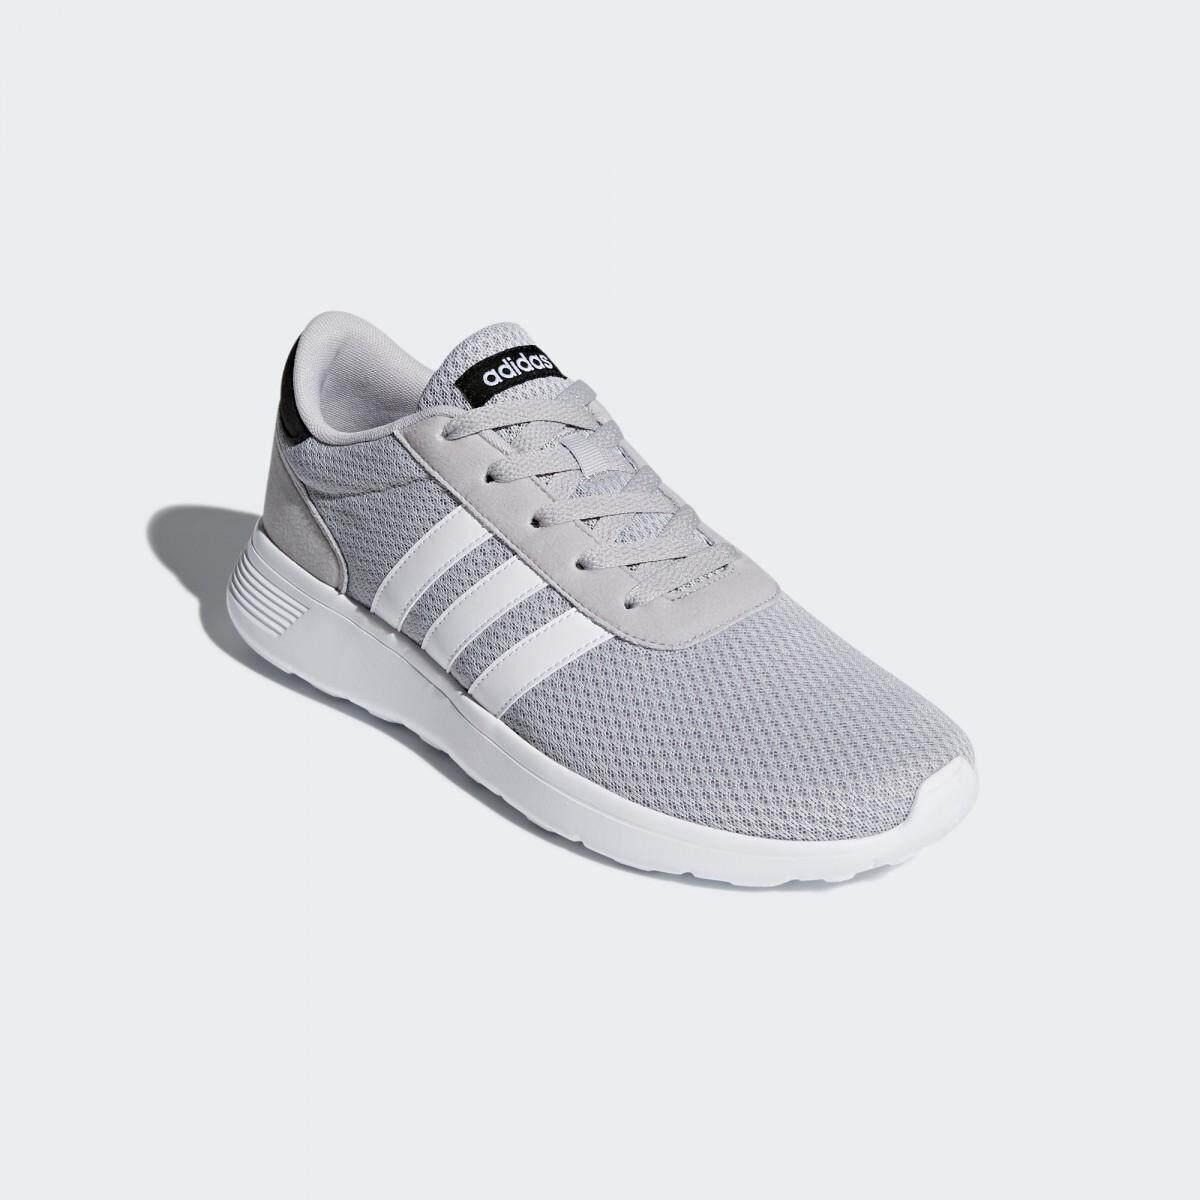 vendere scarpe da corsa migliore qualità e adidas negozio conveniente